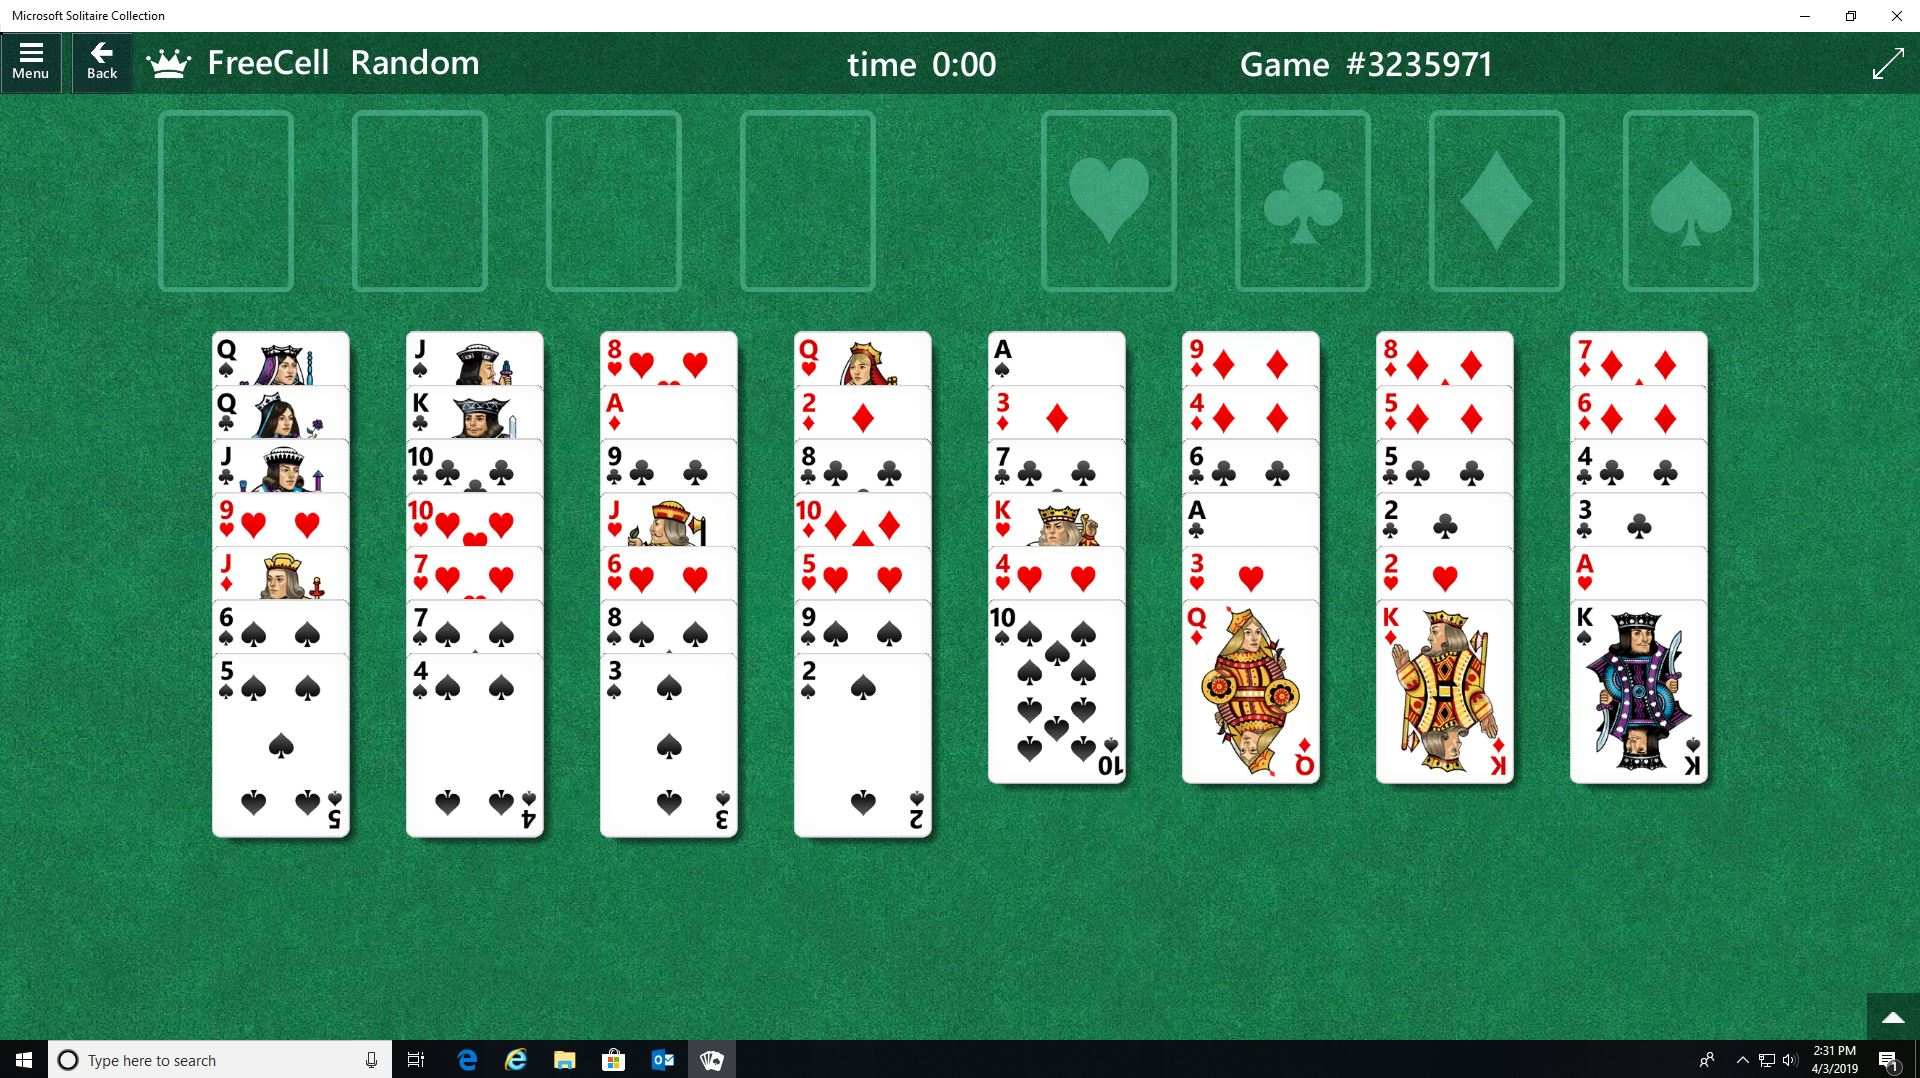 Spades continually on bottom row in Freecell 9f4cc8de-e6d9-4698-9d8b-0ba7540c519e?upload=true.jpg